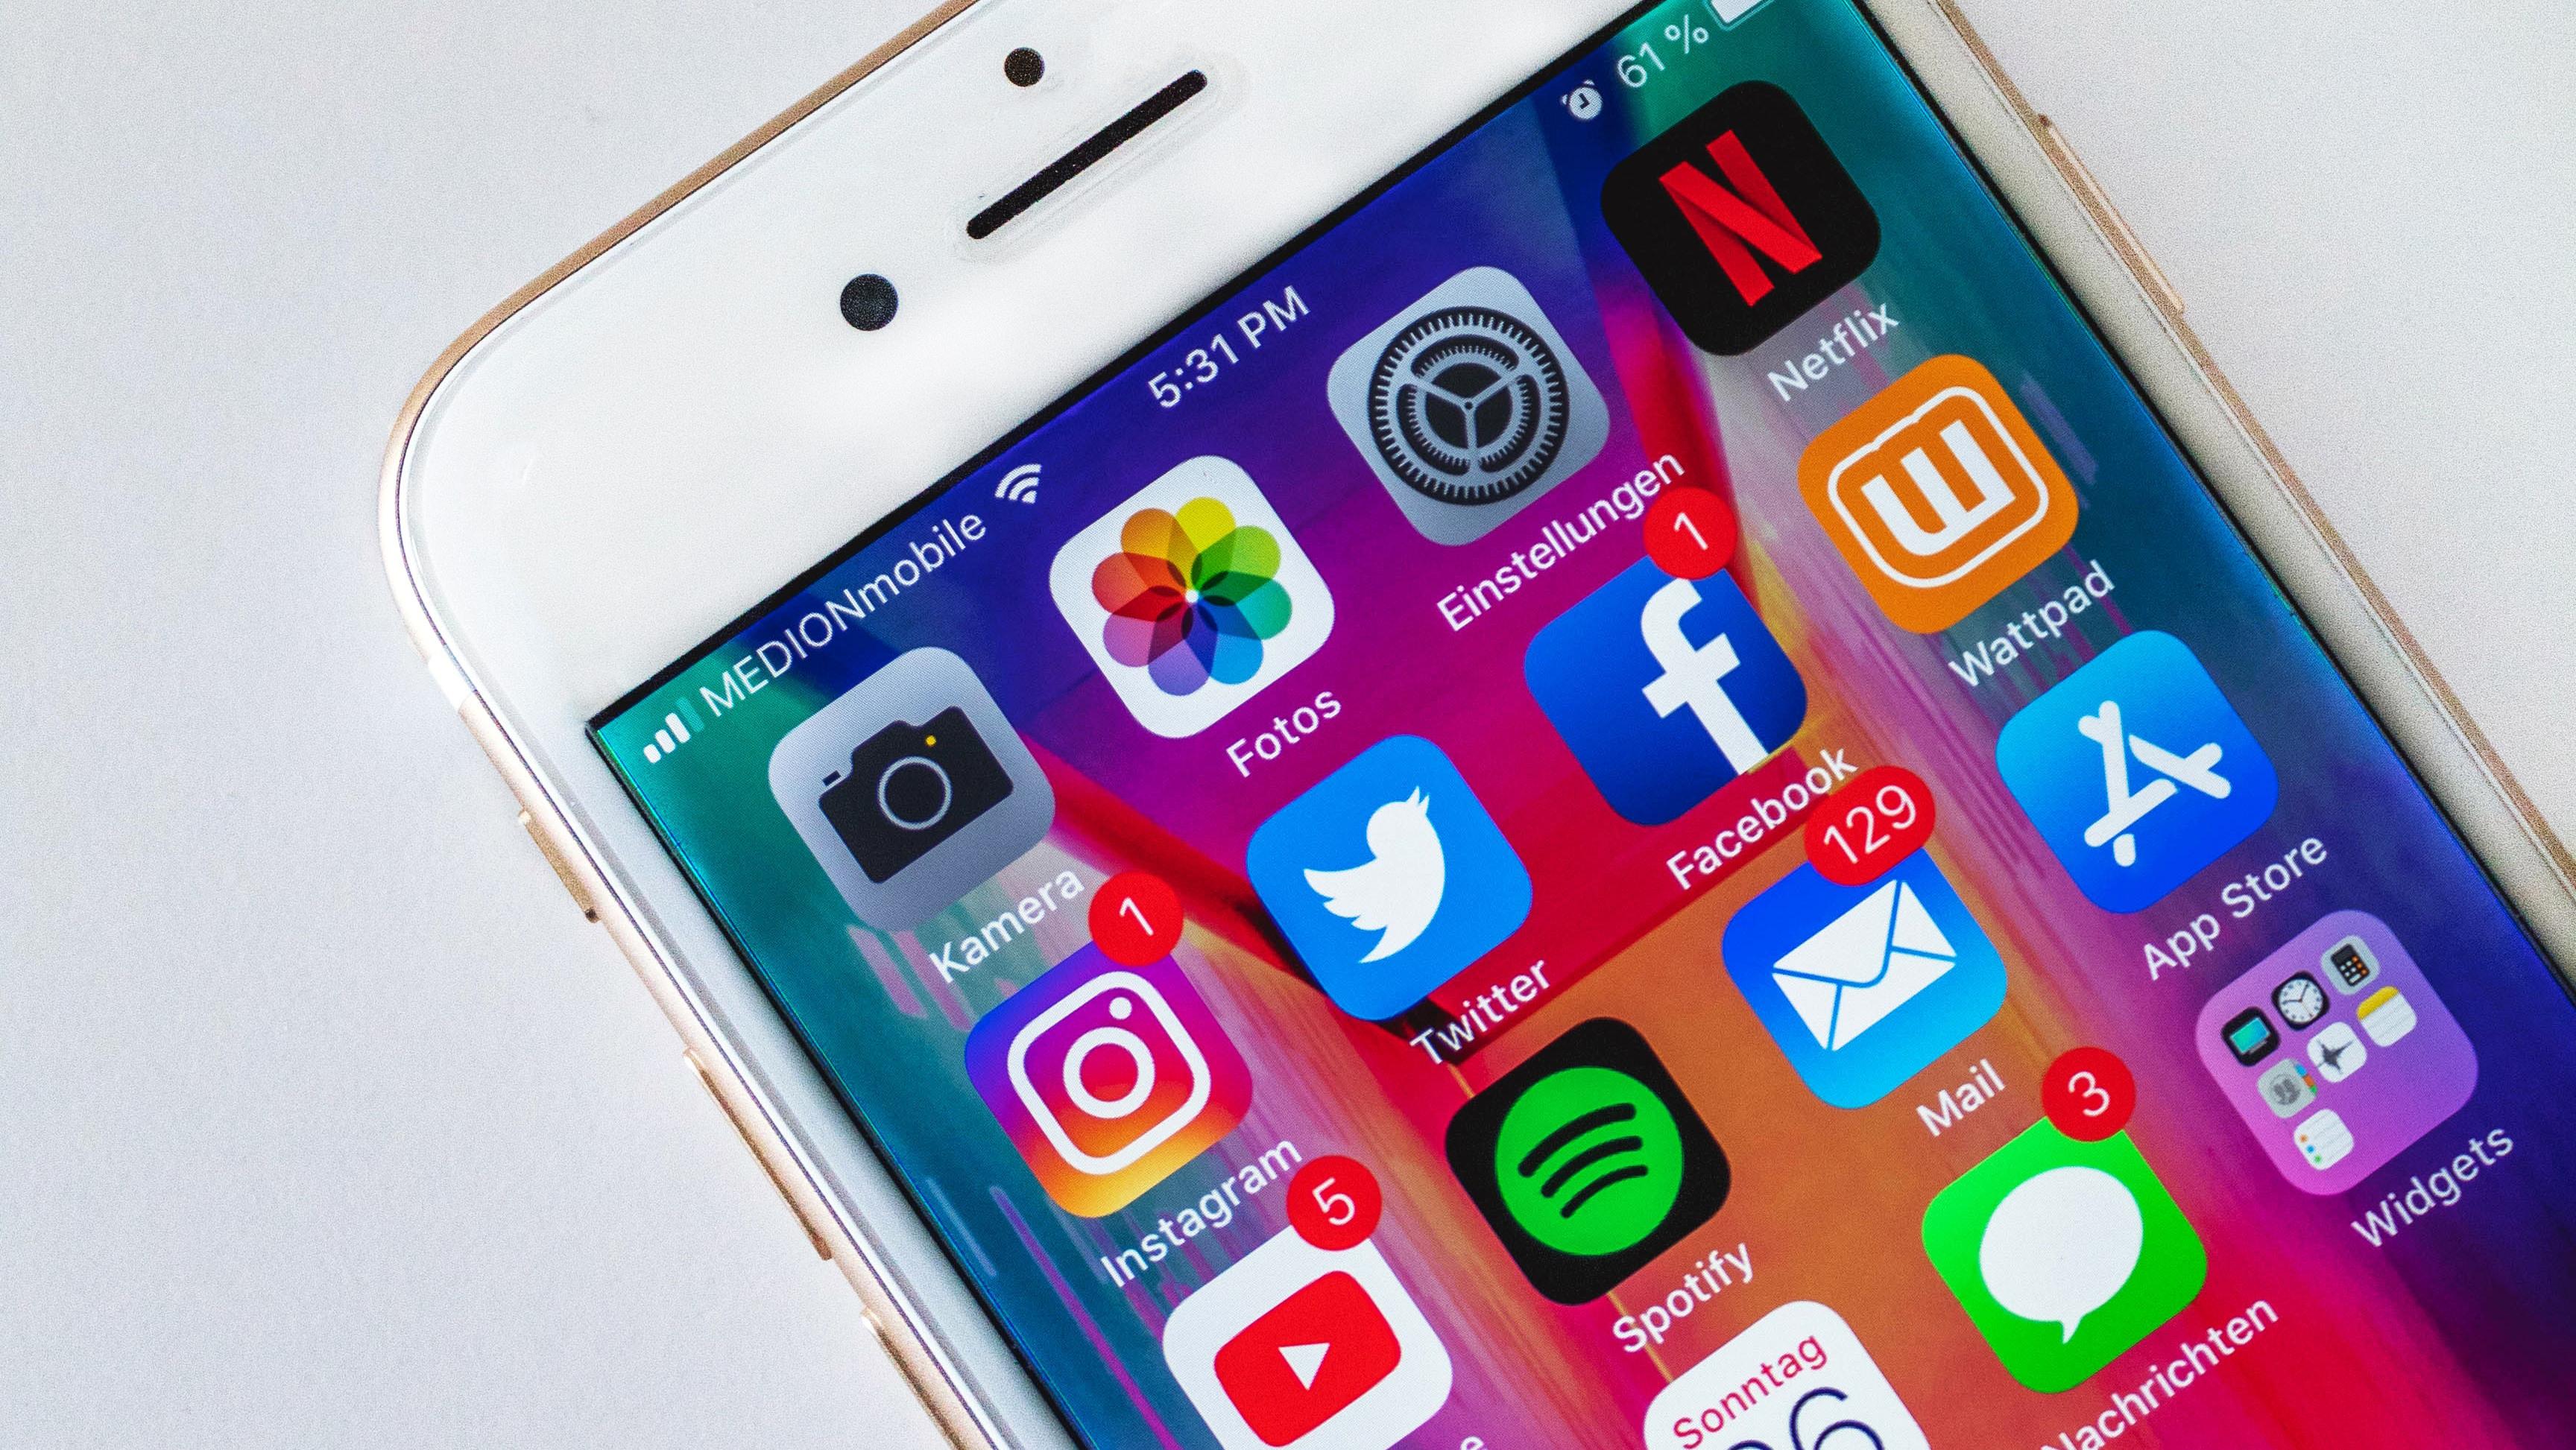 Utforska internet med smartphone eller surfplatta